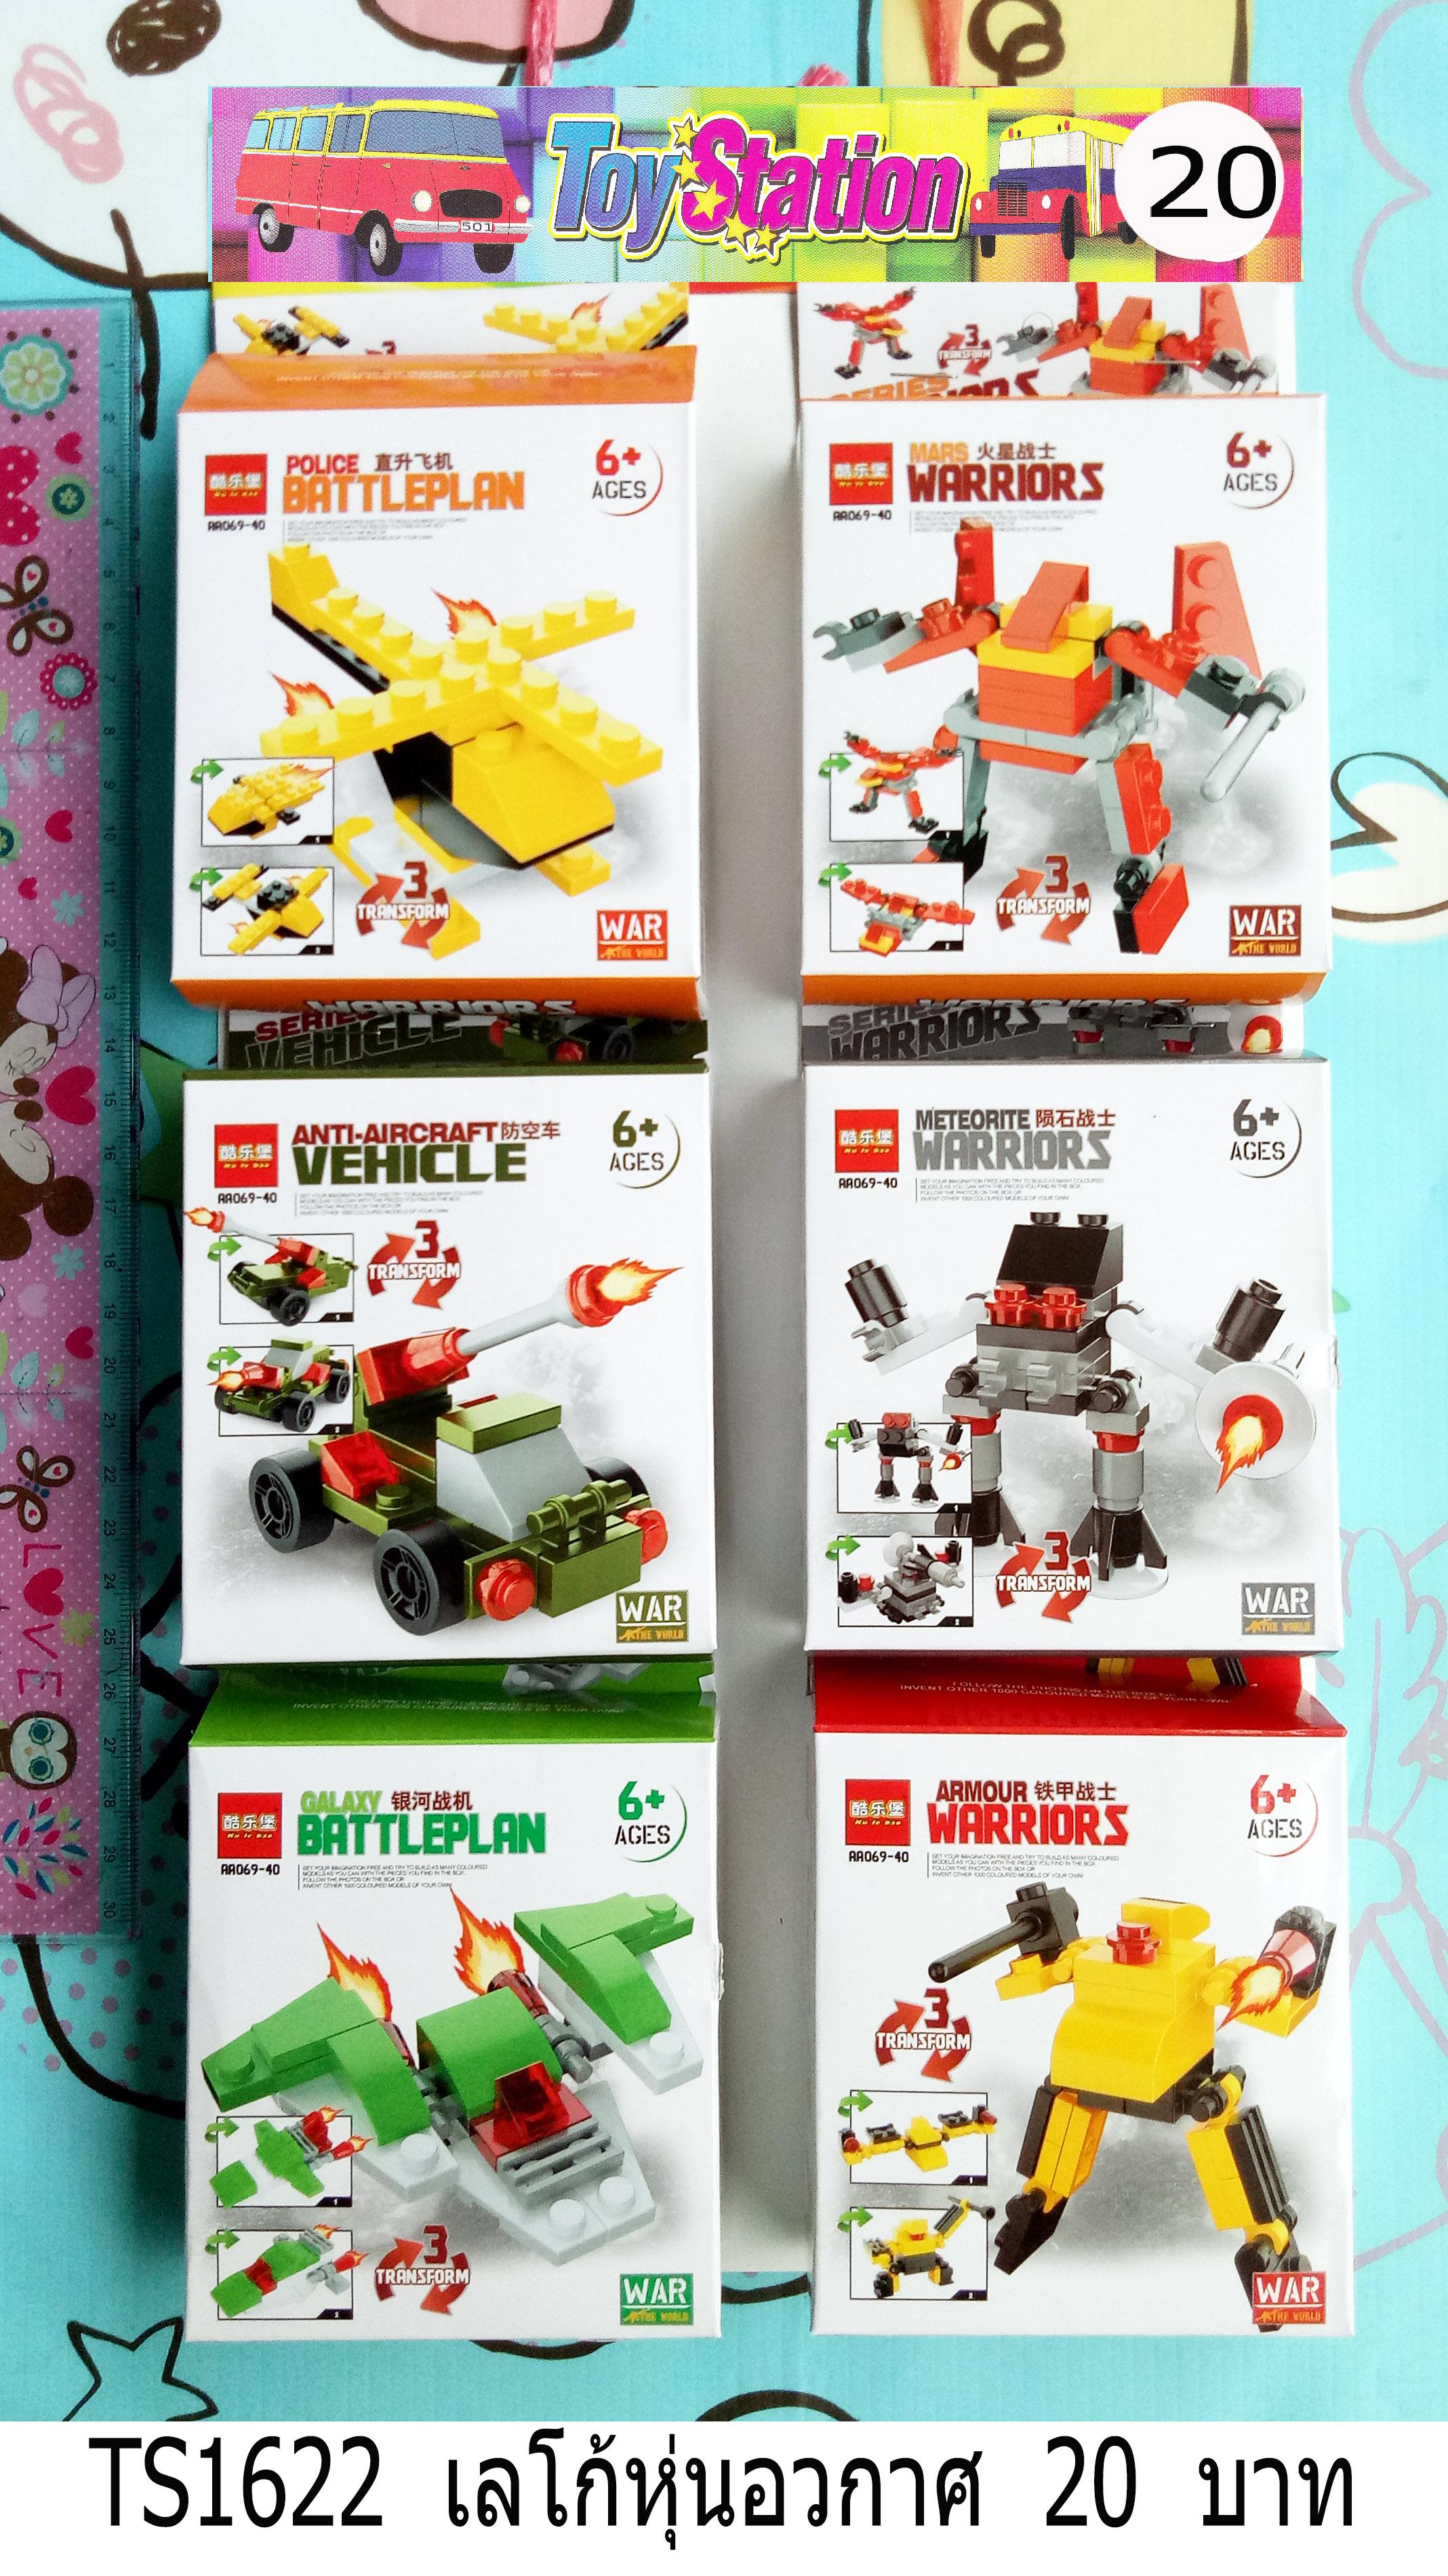 เลโก้หุ่นอวกาศ